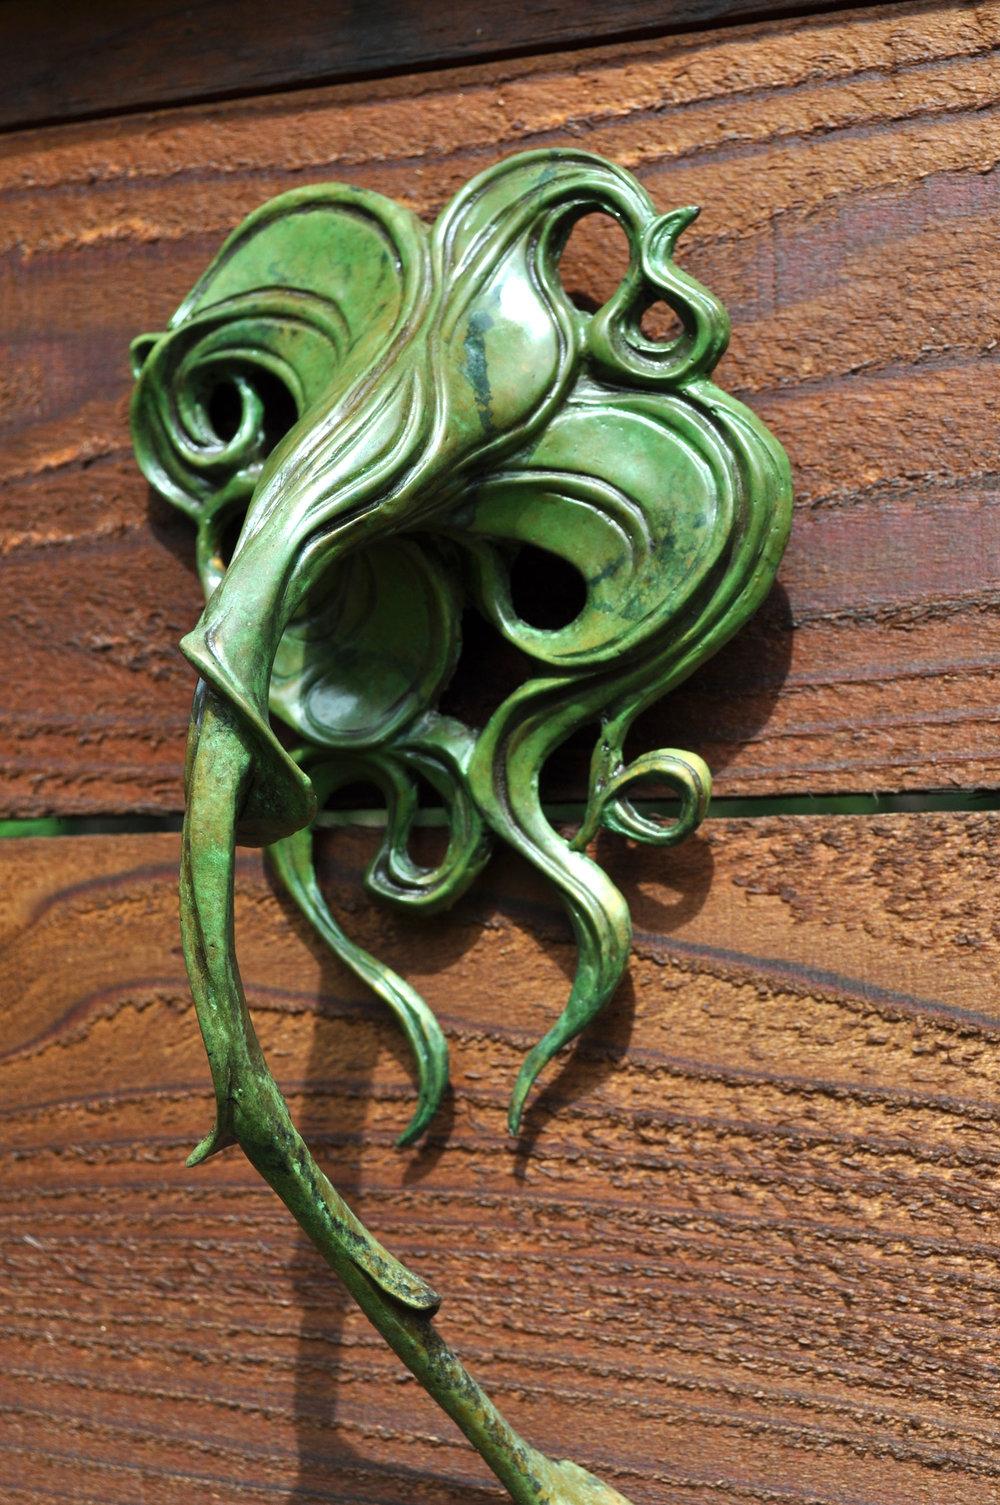 Bronze-Hummingbird-Flower-Sculpture-John-Maisano-3.jpg